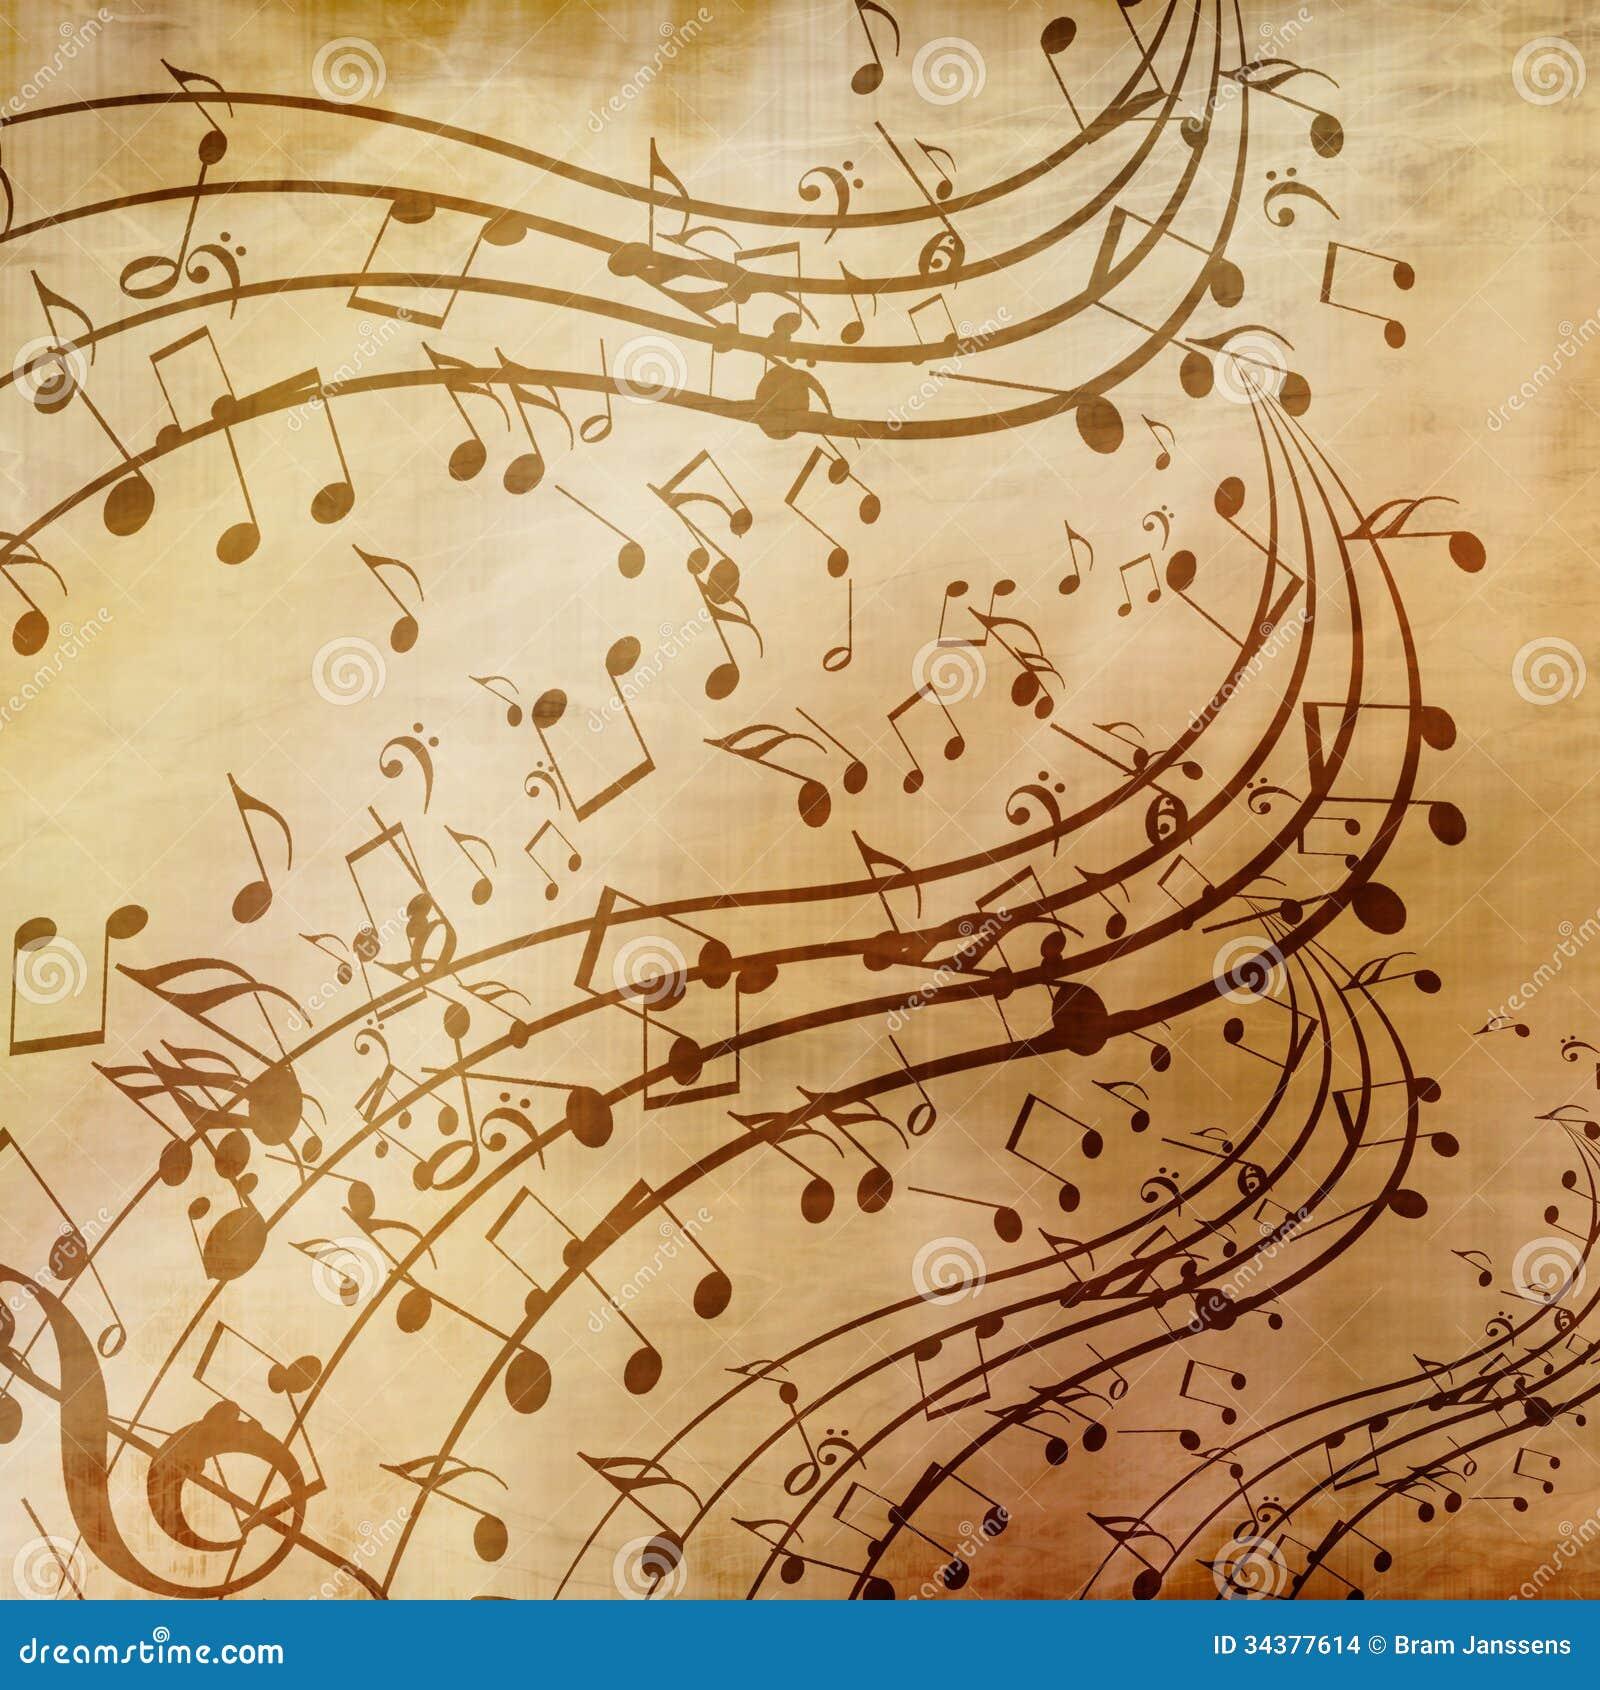 music sheet stock illustration image of illustration vector music notes background vector music note image